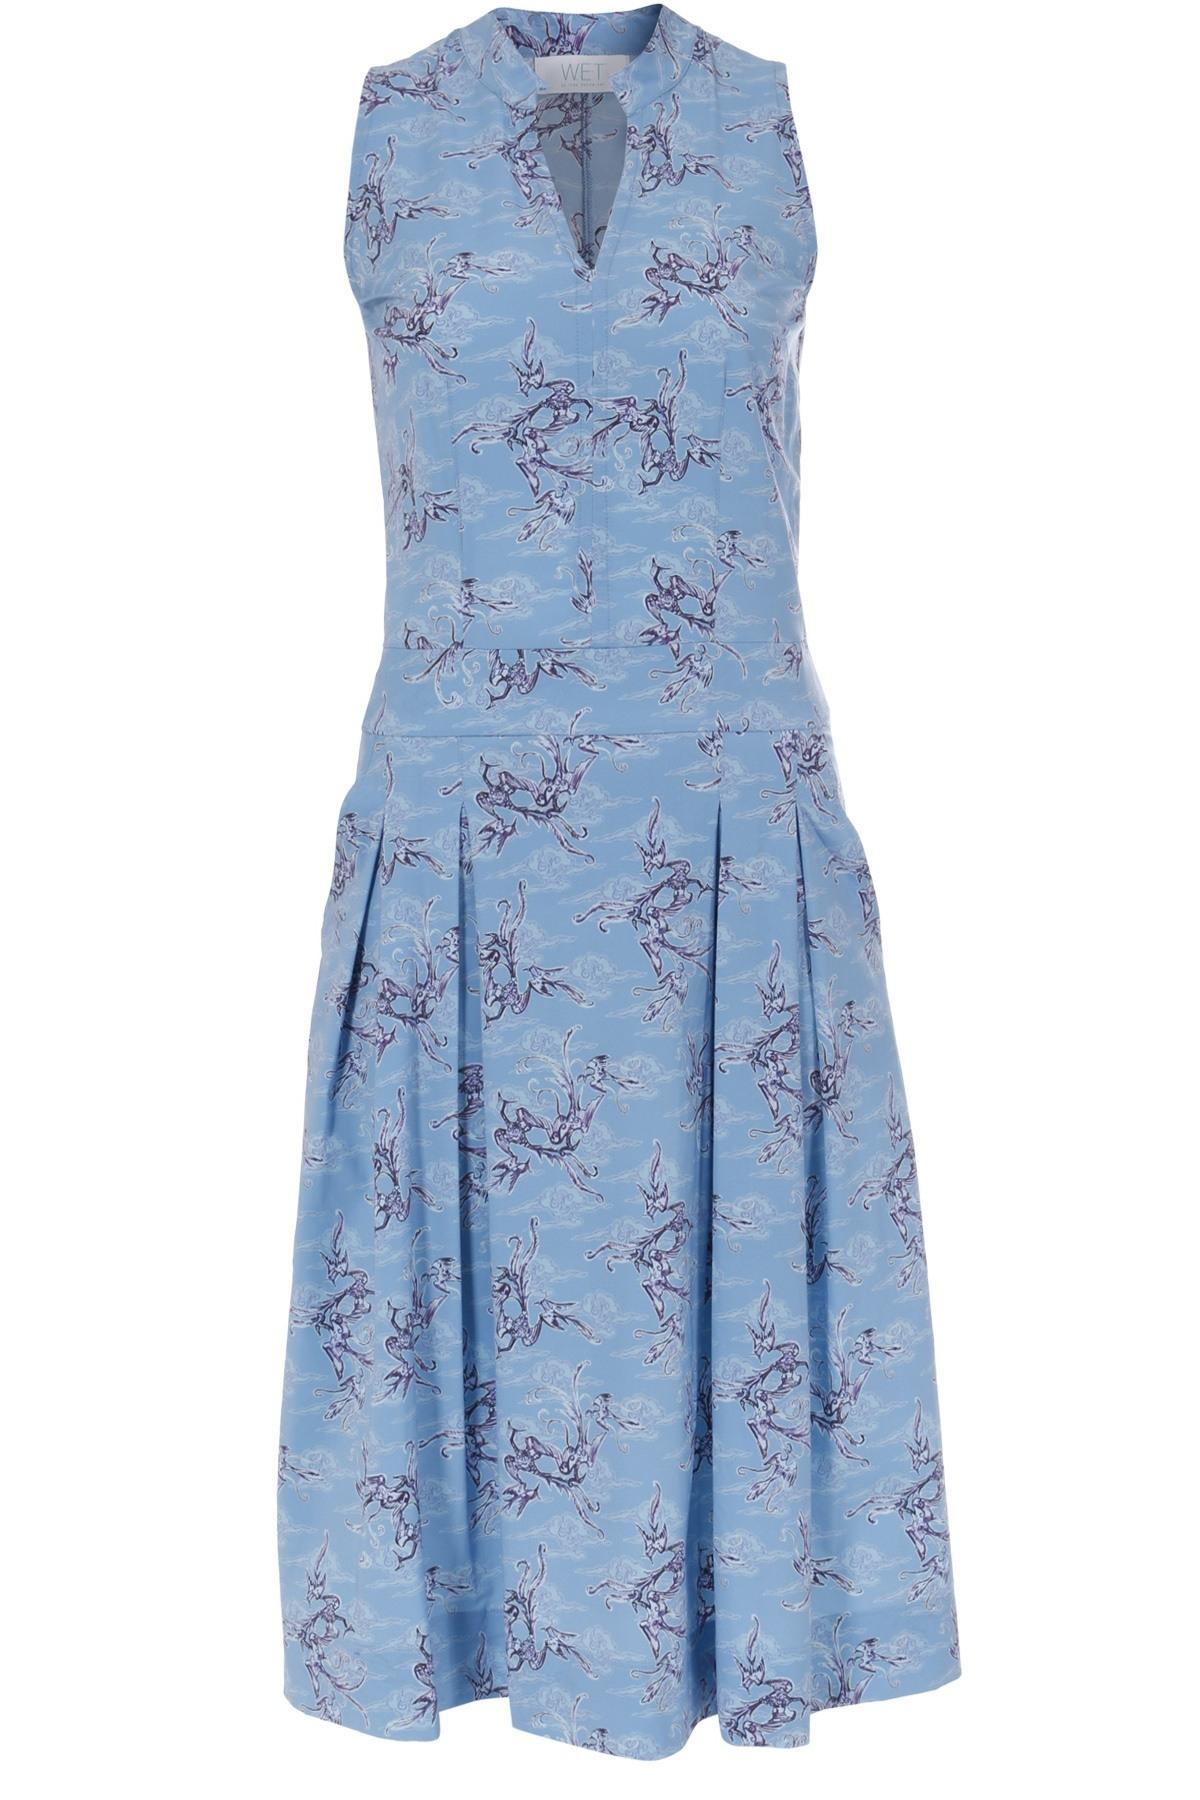 20 Genial Kleid Hellblau Galerie17 Genial Kleid Hellblau Boutique